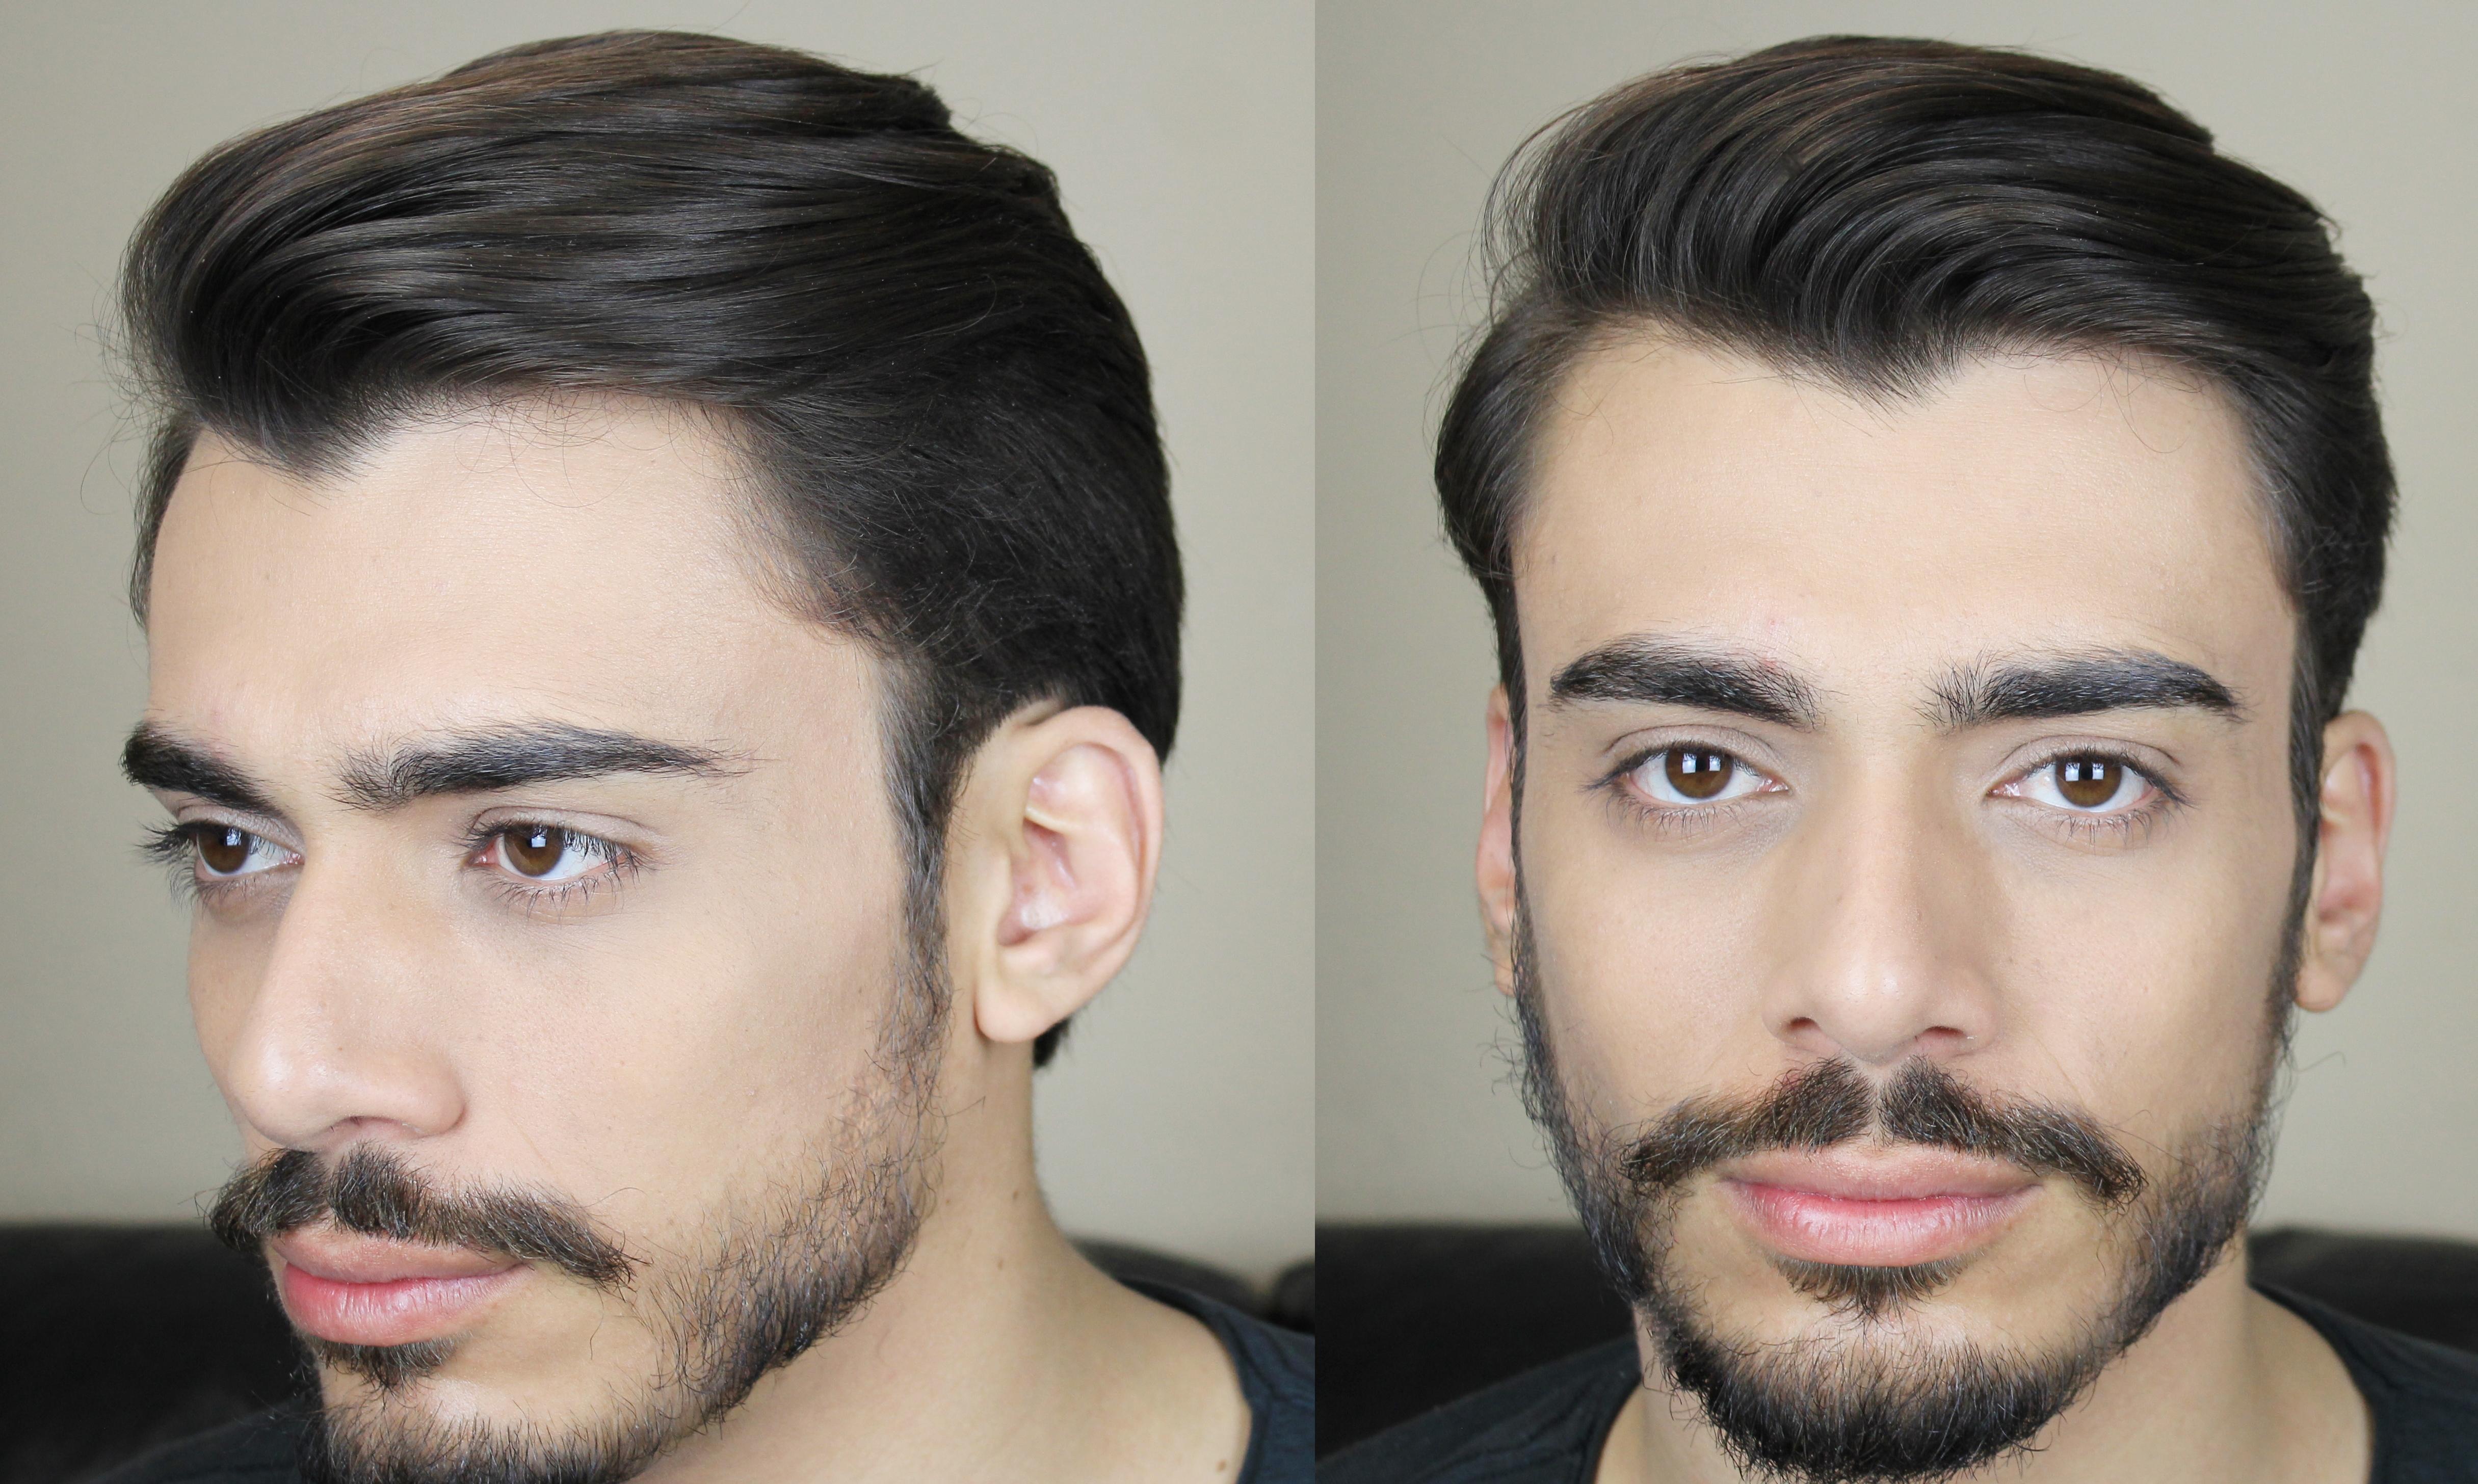 penteado masculino 2018, cabelo masculino 2018, hairstyle for men, alex cursino, blogueiro de moda, canal de moda no youtube, menswear, mens, como ficar estiloso, como pentear o cabelo masculino